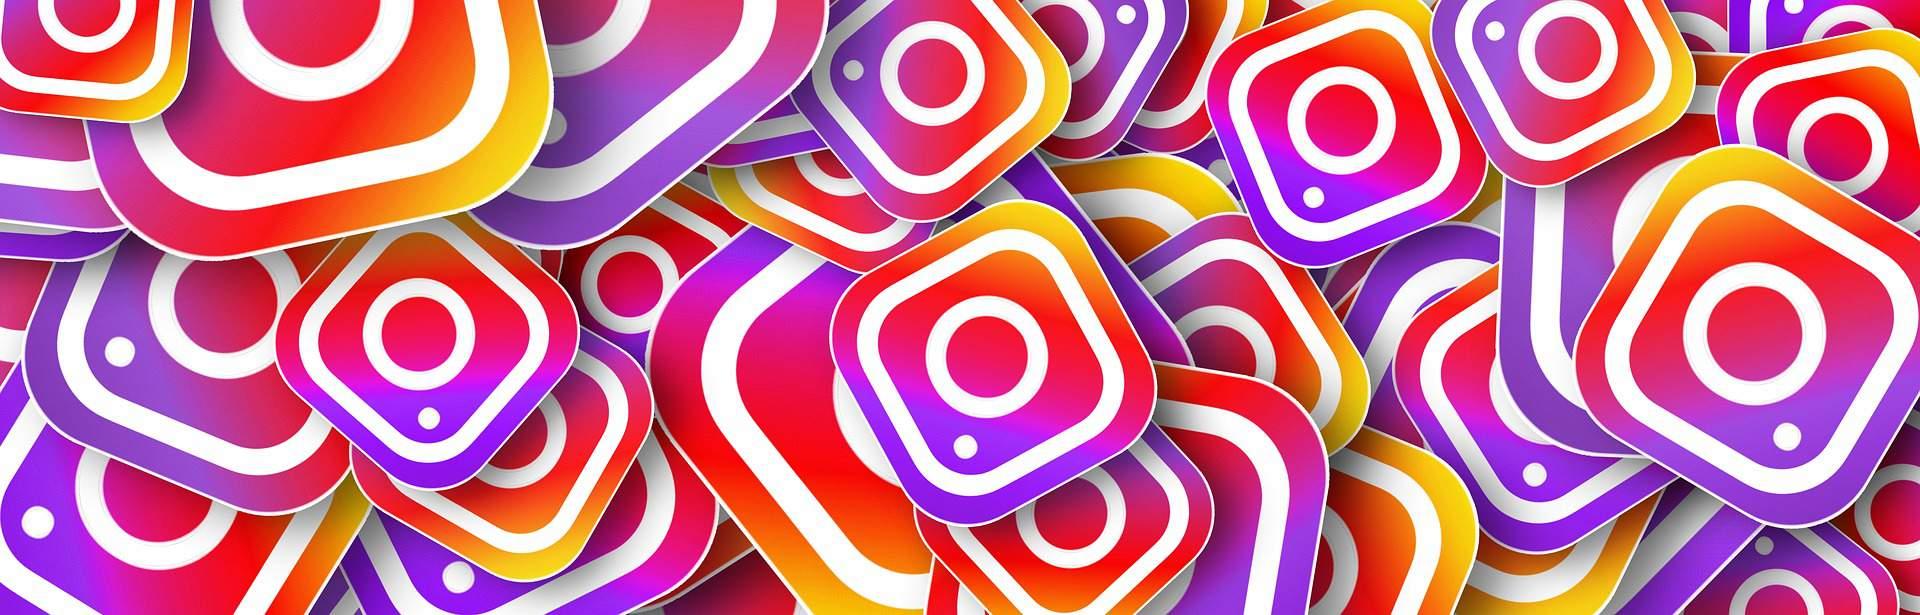 Instagram internet social media